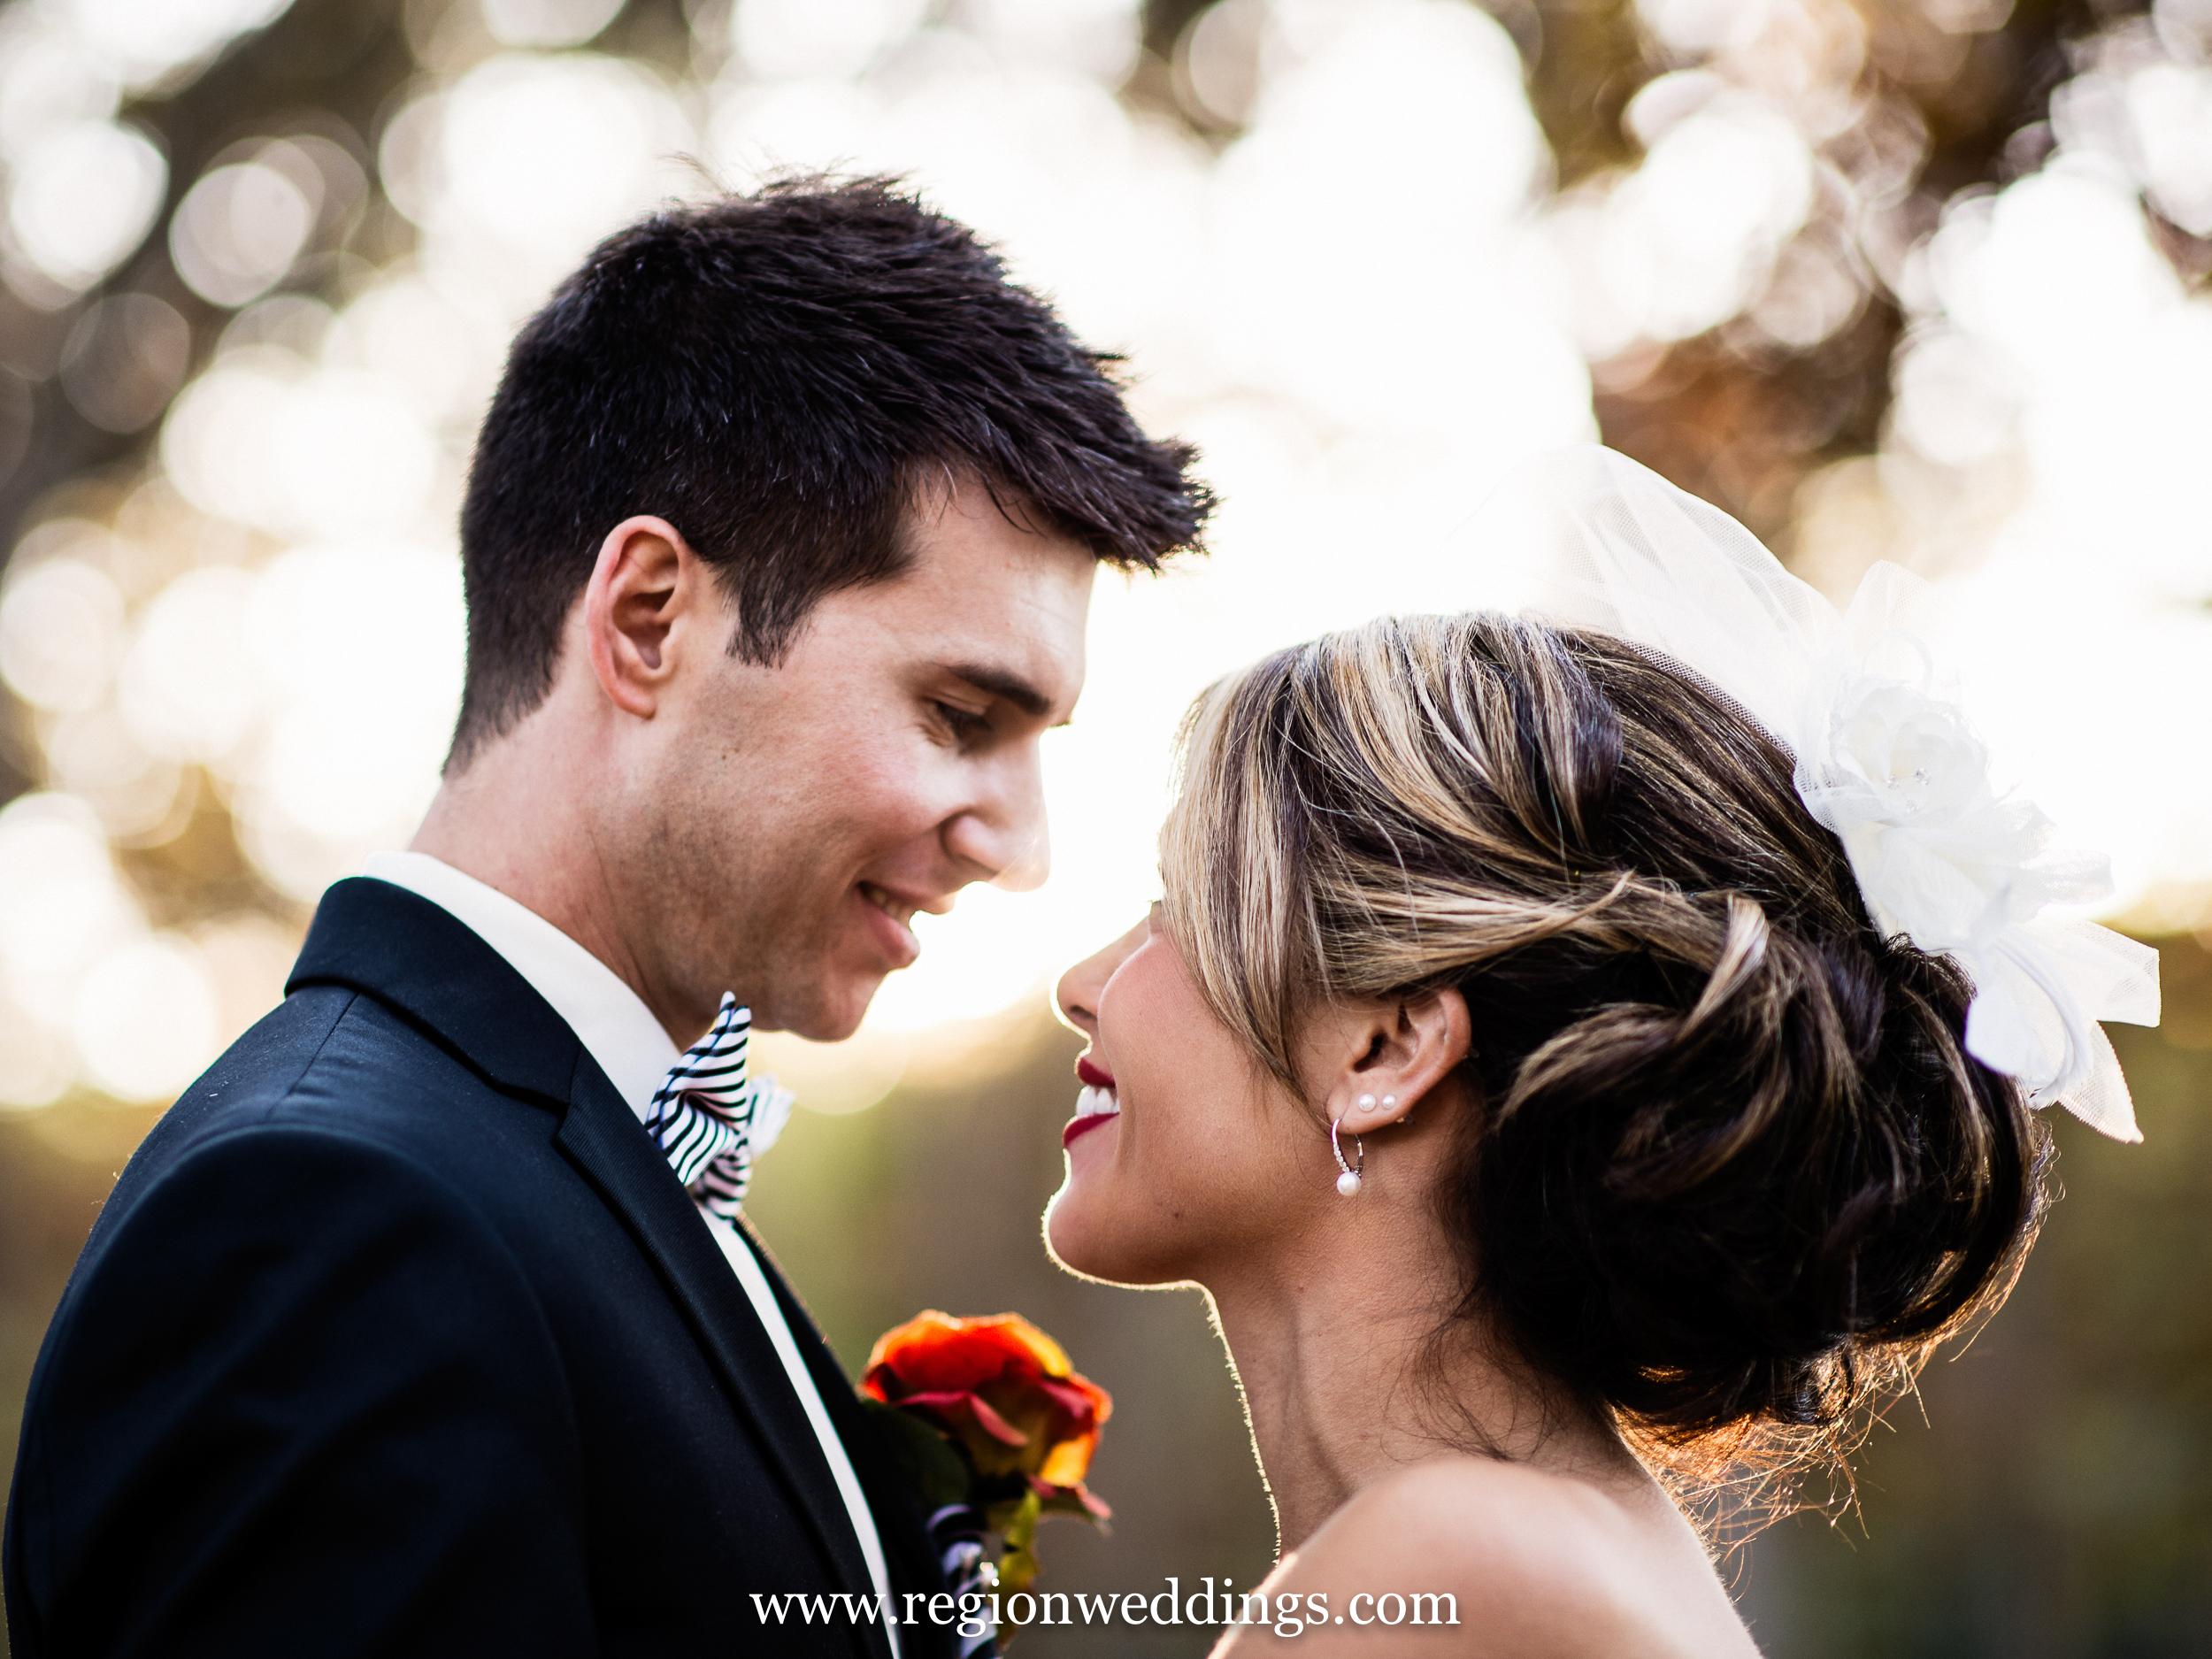 emotional-moment-bride-groom